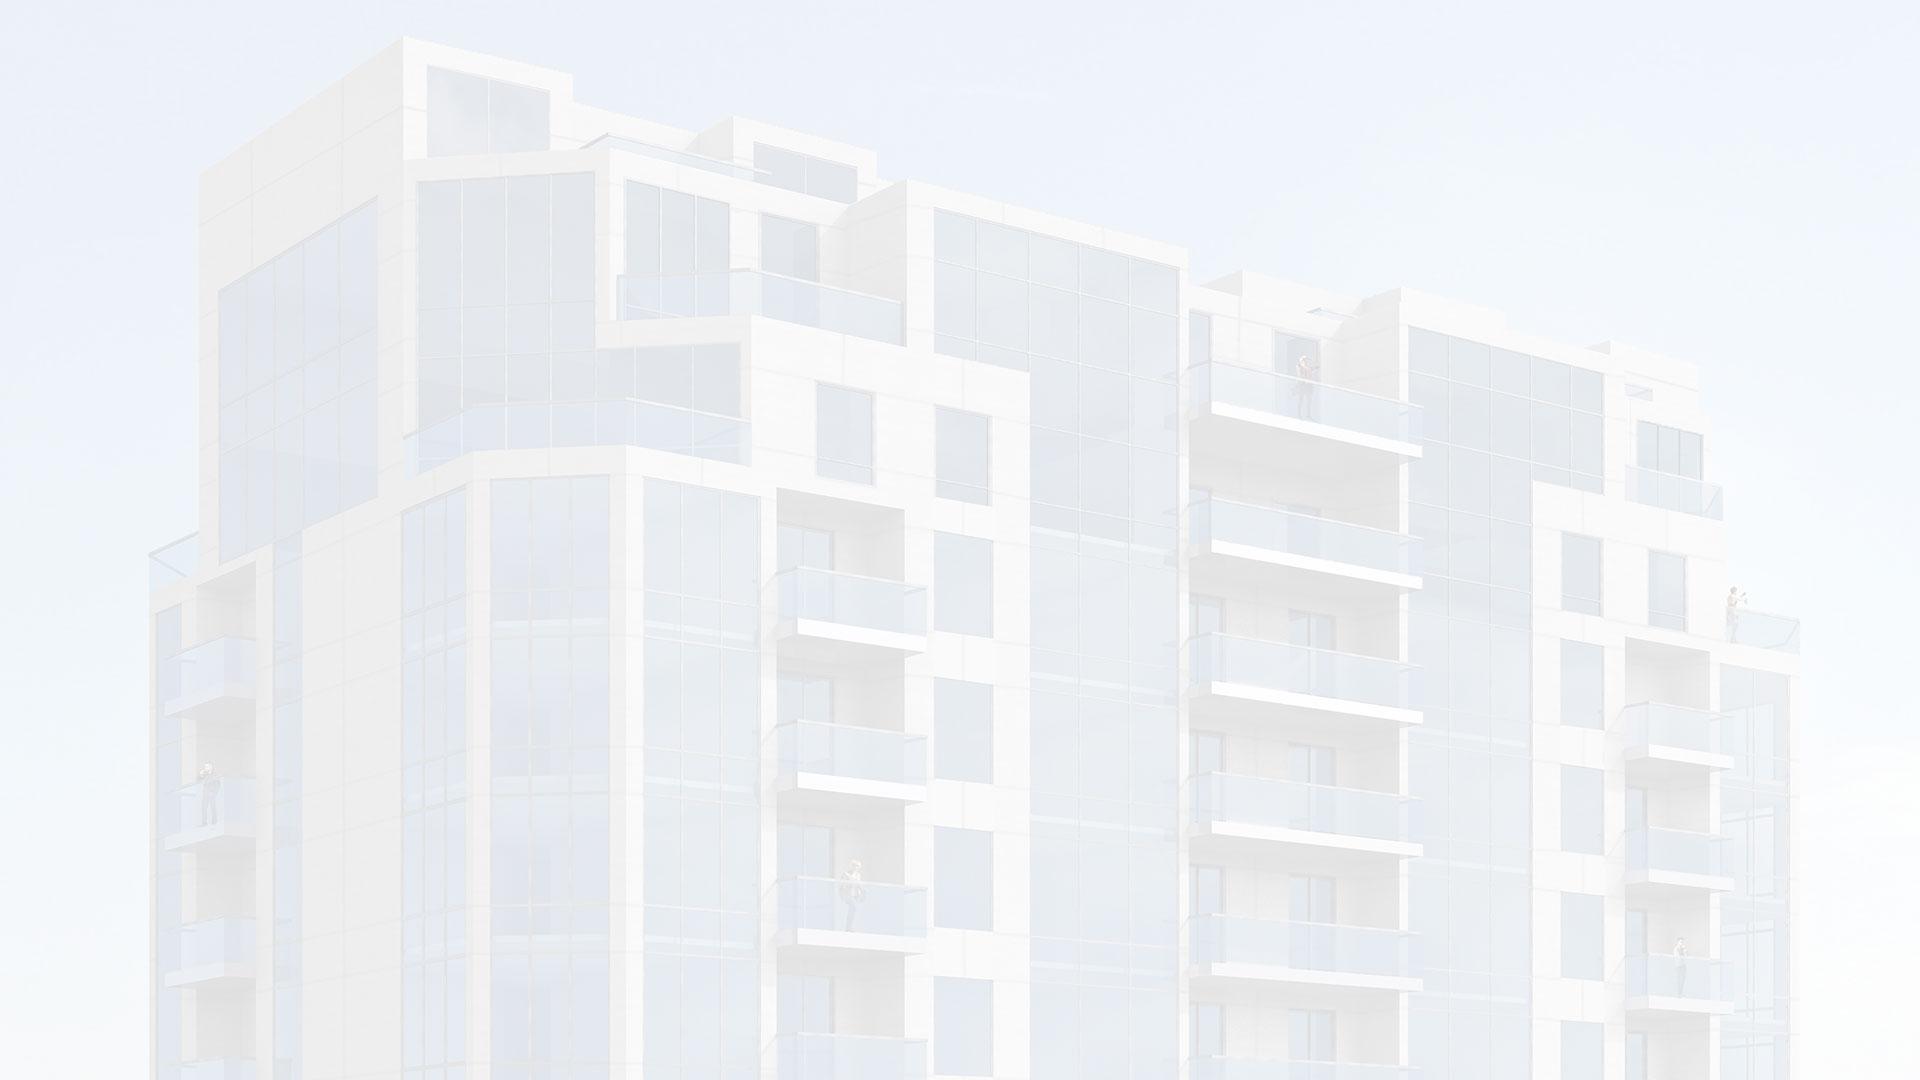 Building Render Background